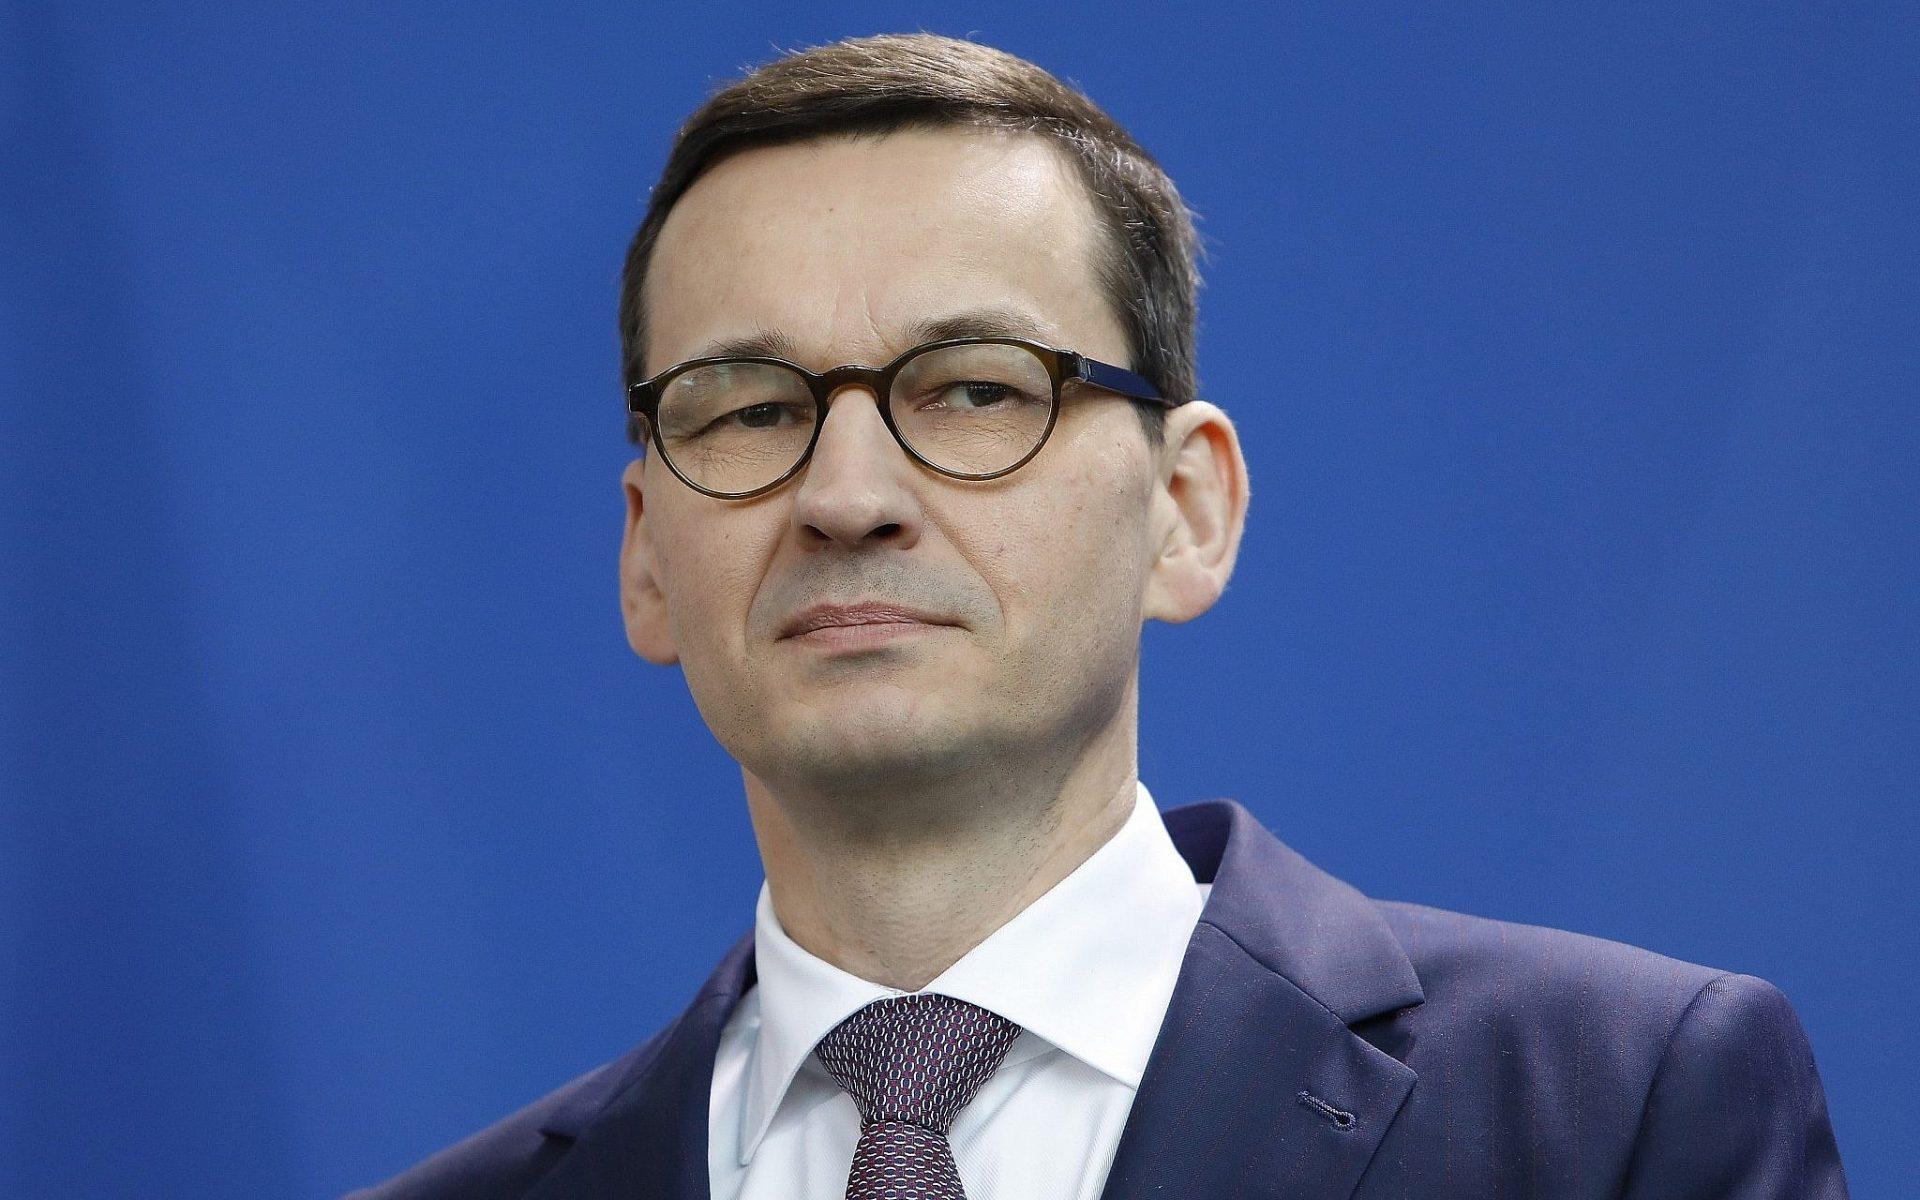 Un proiect de lege pentru reglementarea presei stârnește tensiuni între Washington și Varșovia